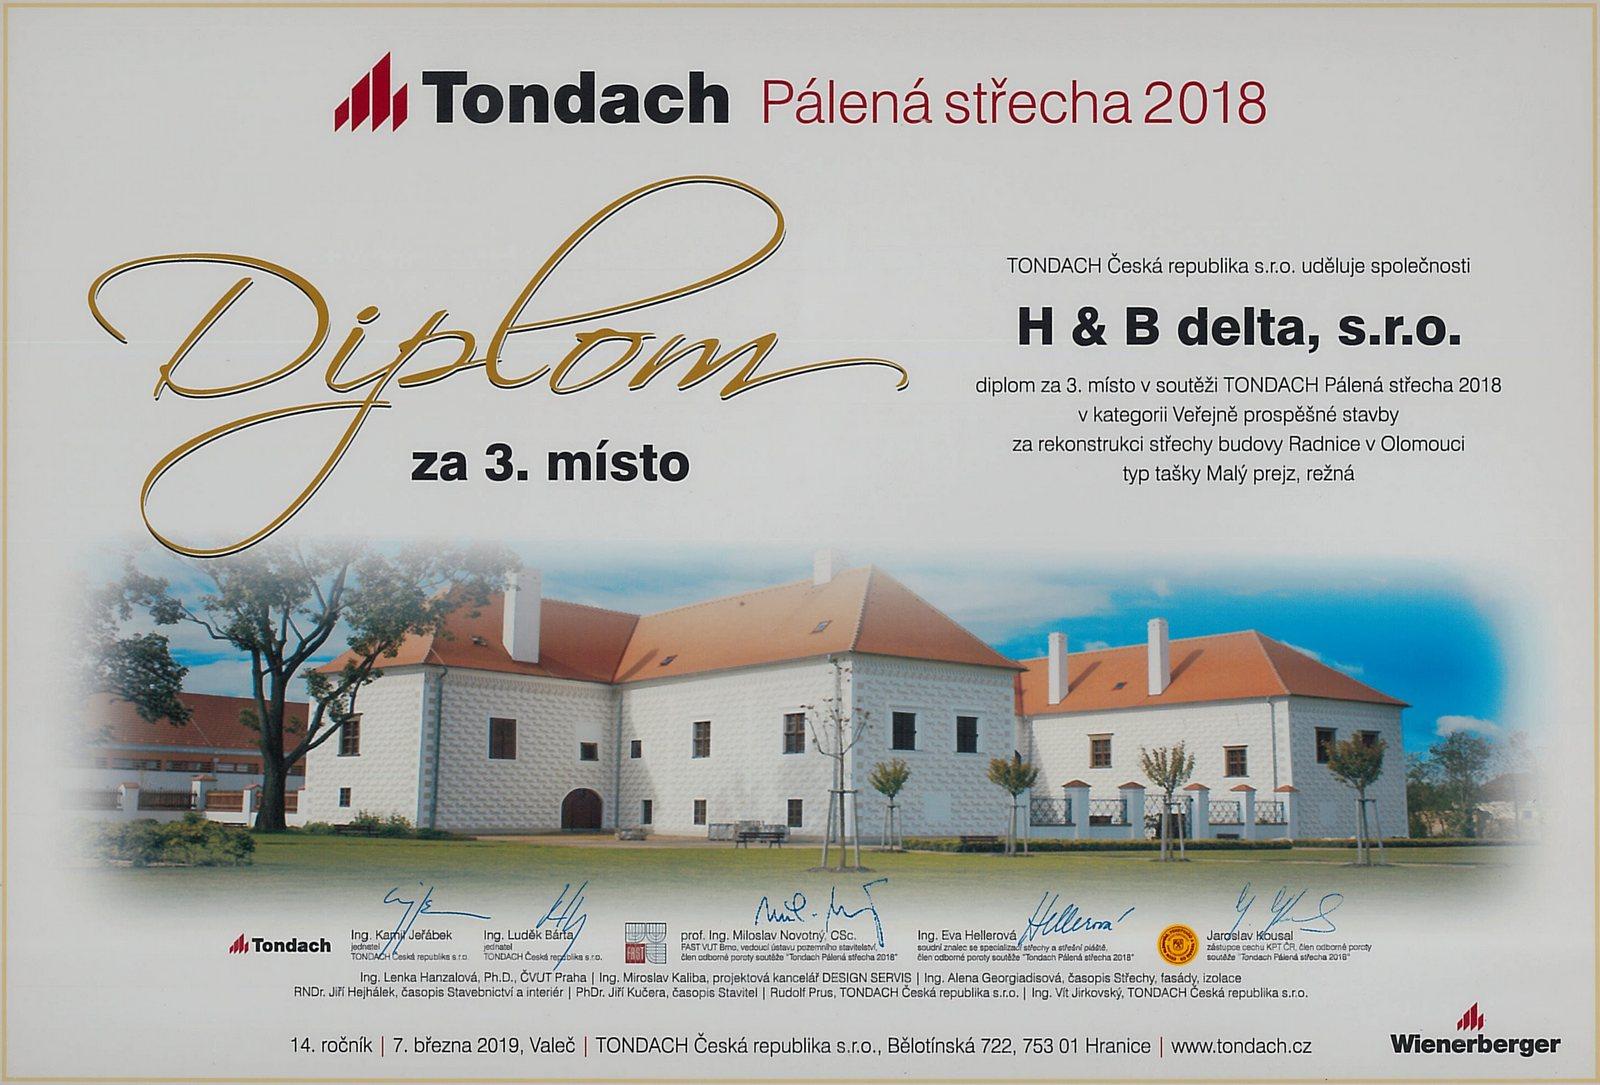 Tondach Pálená střecha 2018 - 3. místo v kategorii Veřejně prospěšné stavby